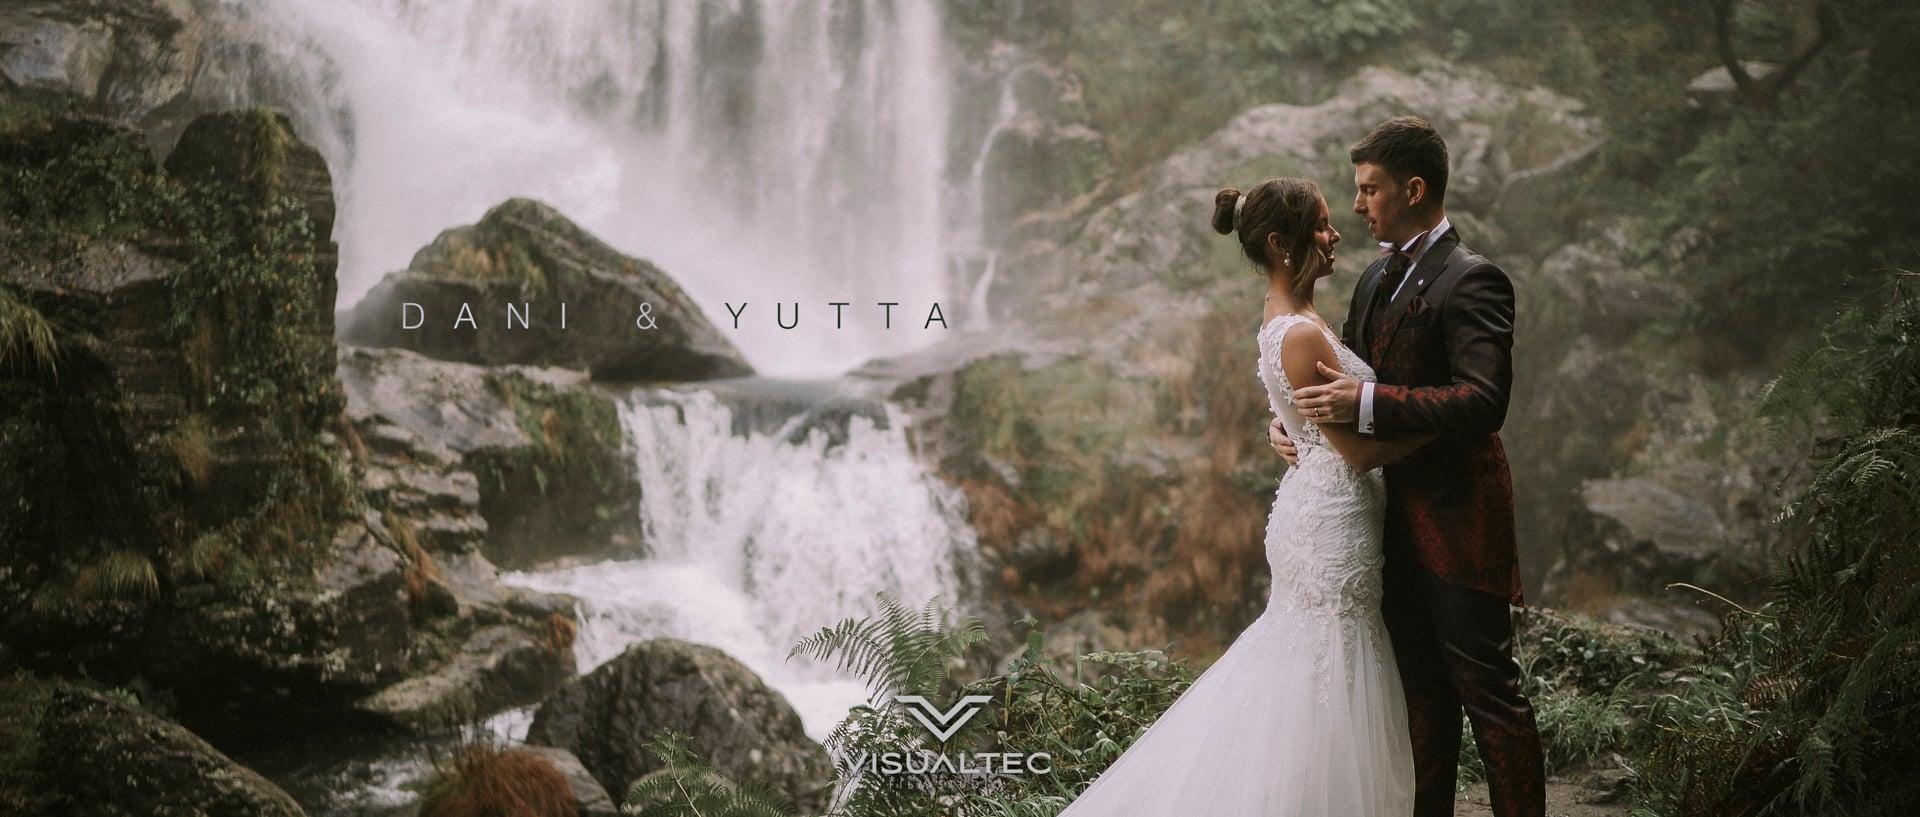 video de boda 9